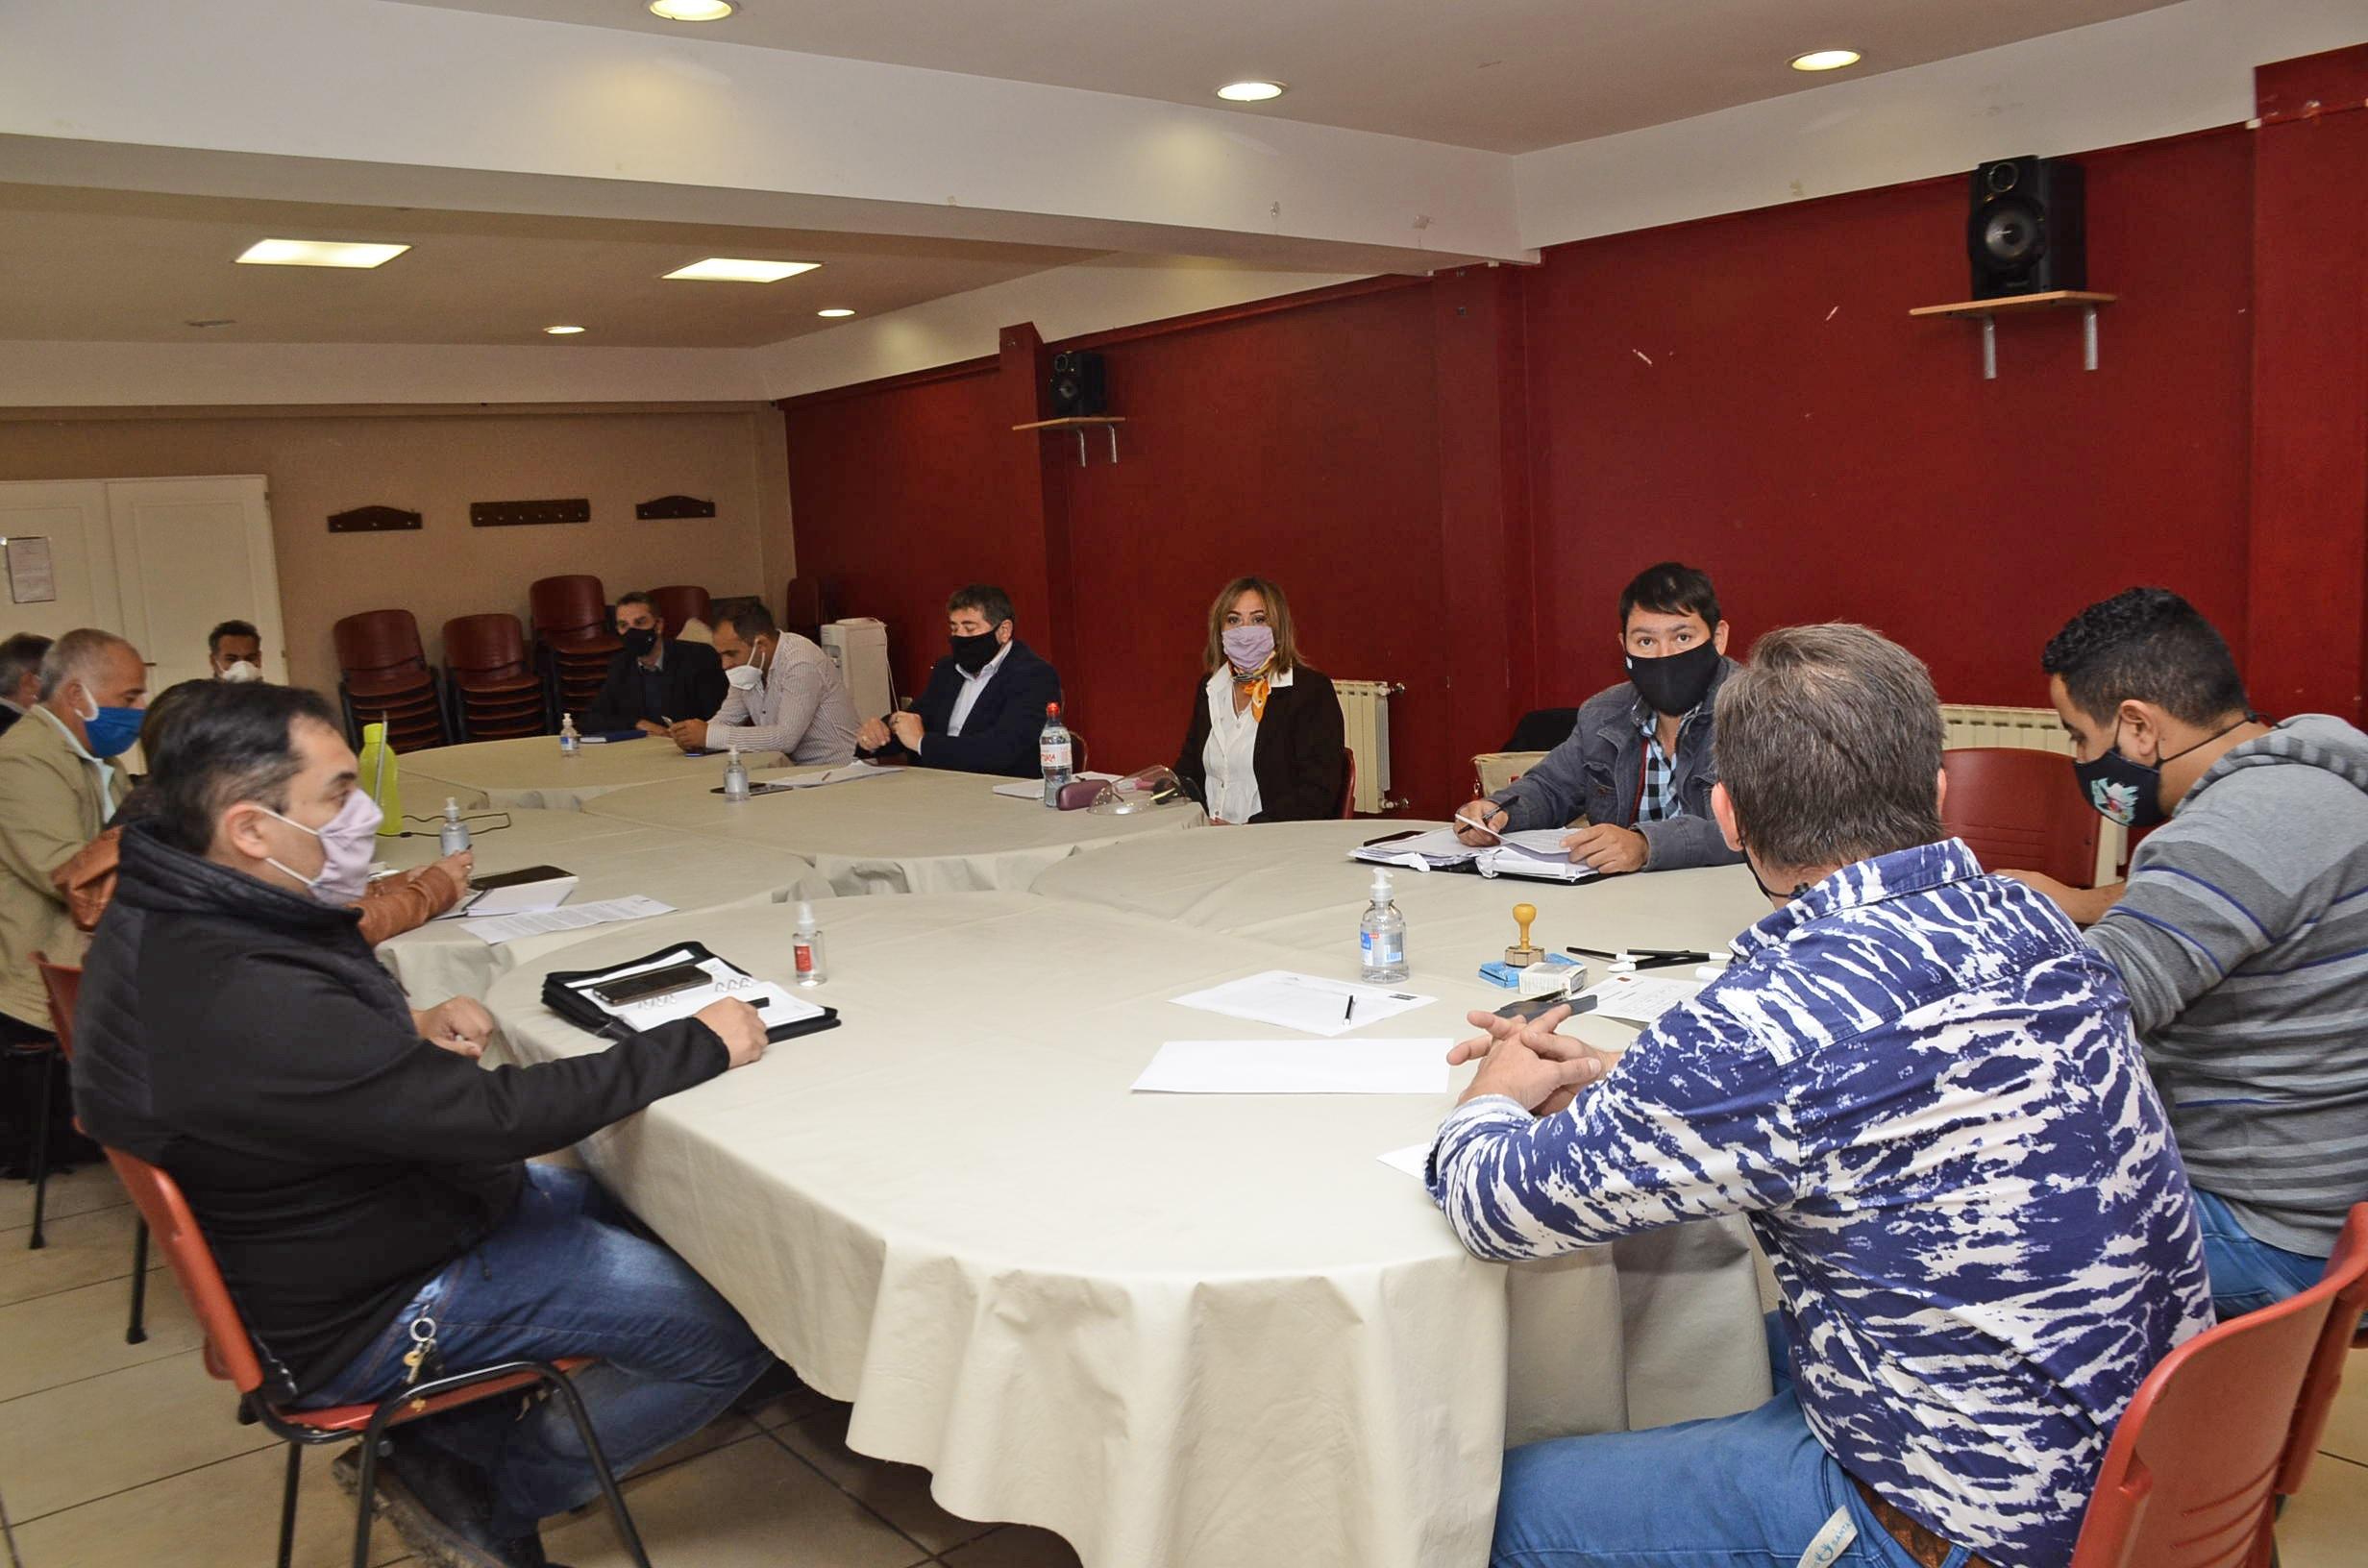 El debate pasó a un cuarto intermedio hasta el 2 de marzo. FOTO: JOSÉ SILVA/LA OPINIÓN AUSTRAL